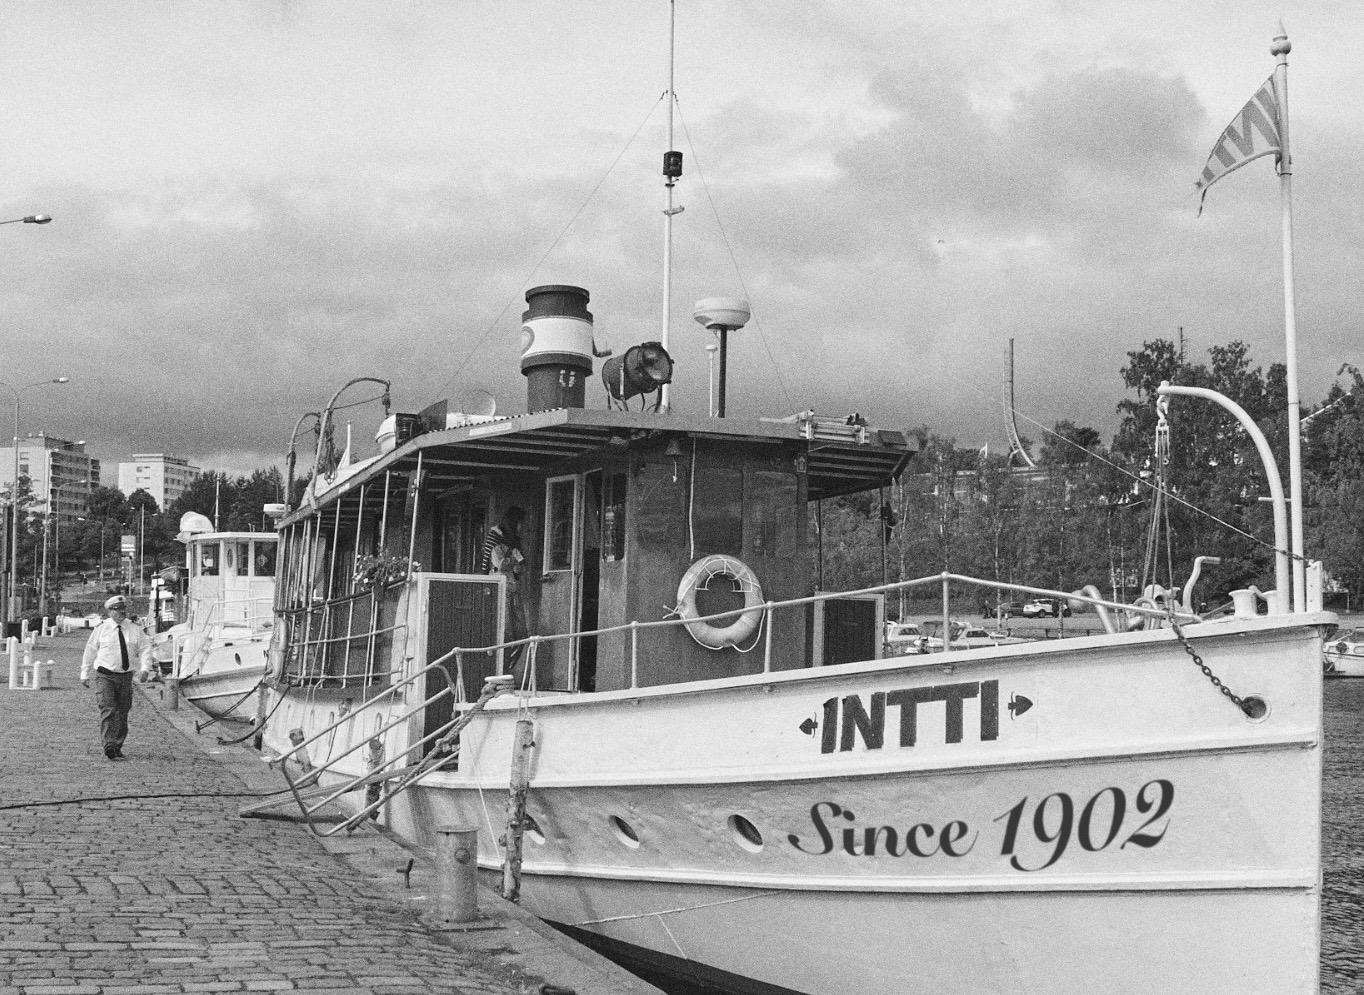 Matkustajalaiva Intti, Juhlatila, Risteilyt Tampereella